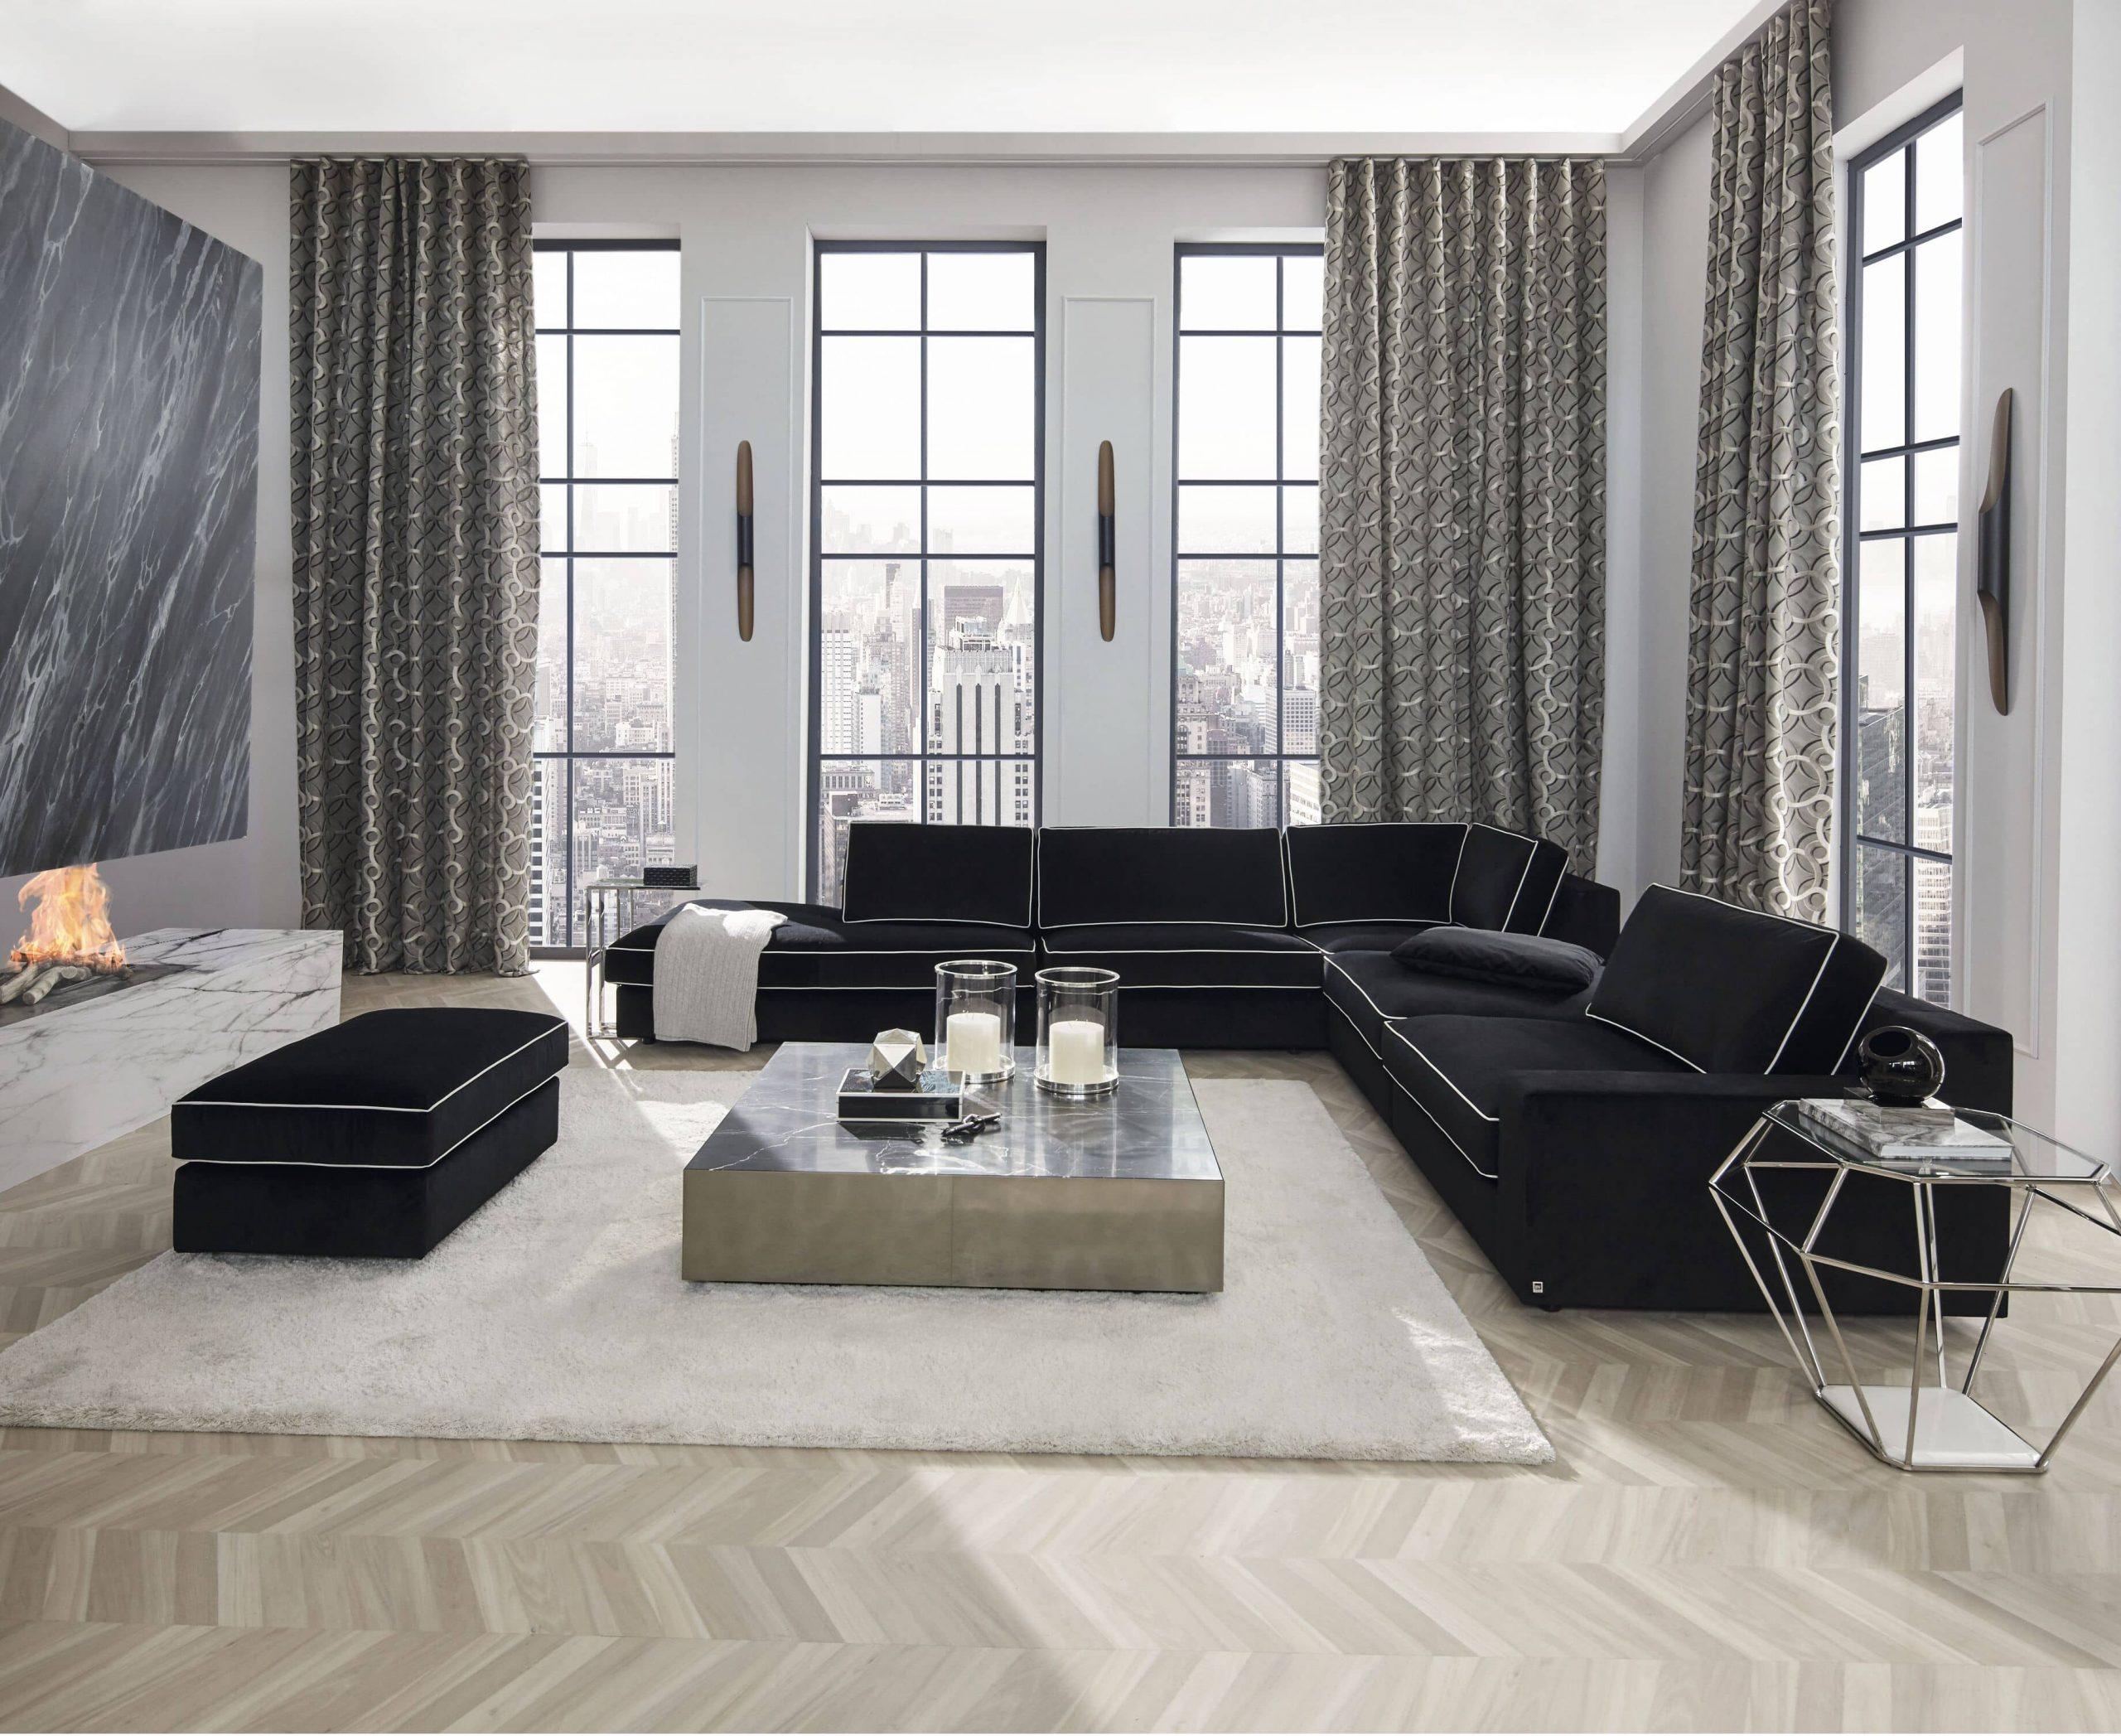 rideau moderne dans un appartement design